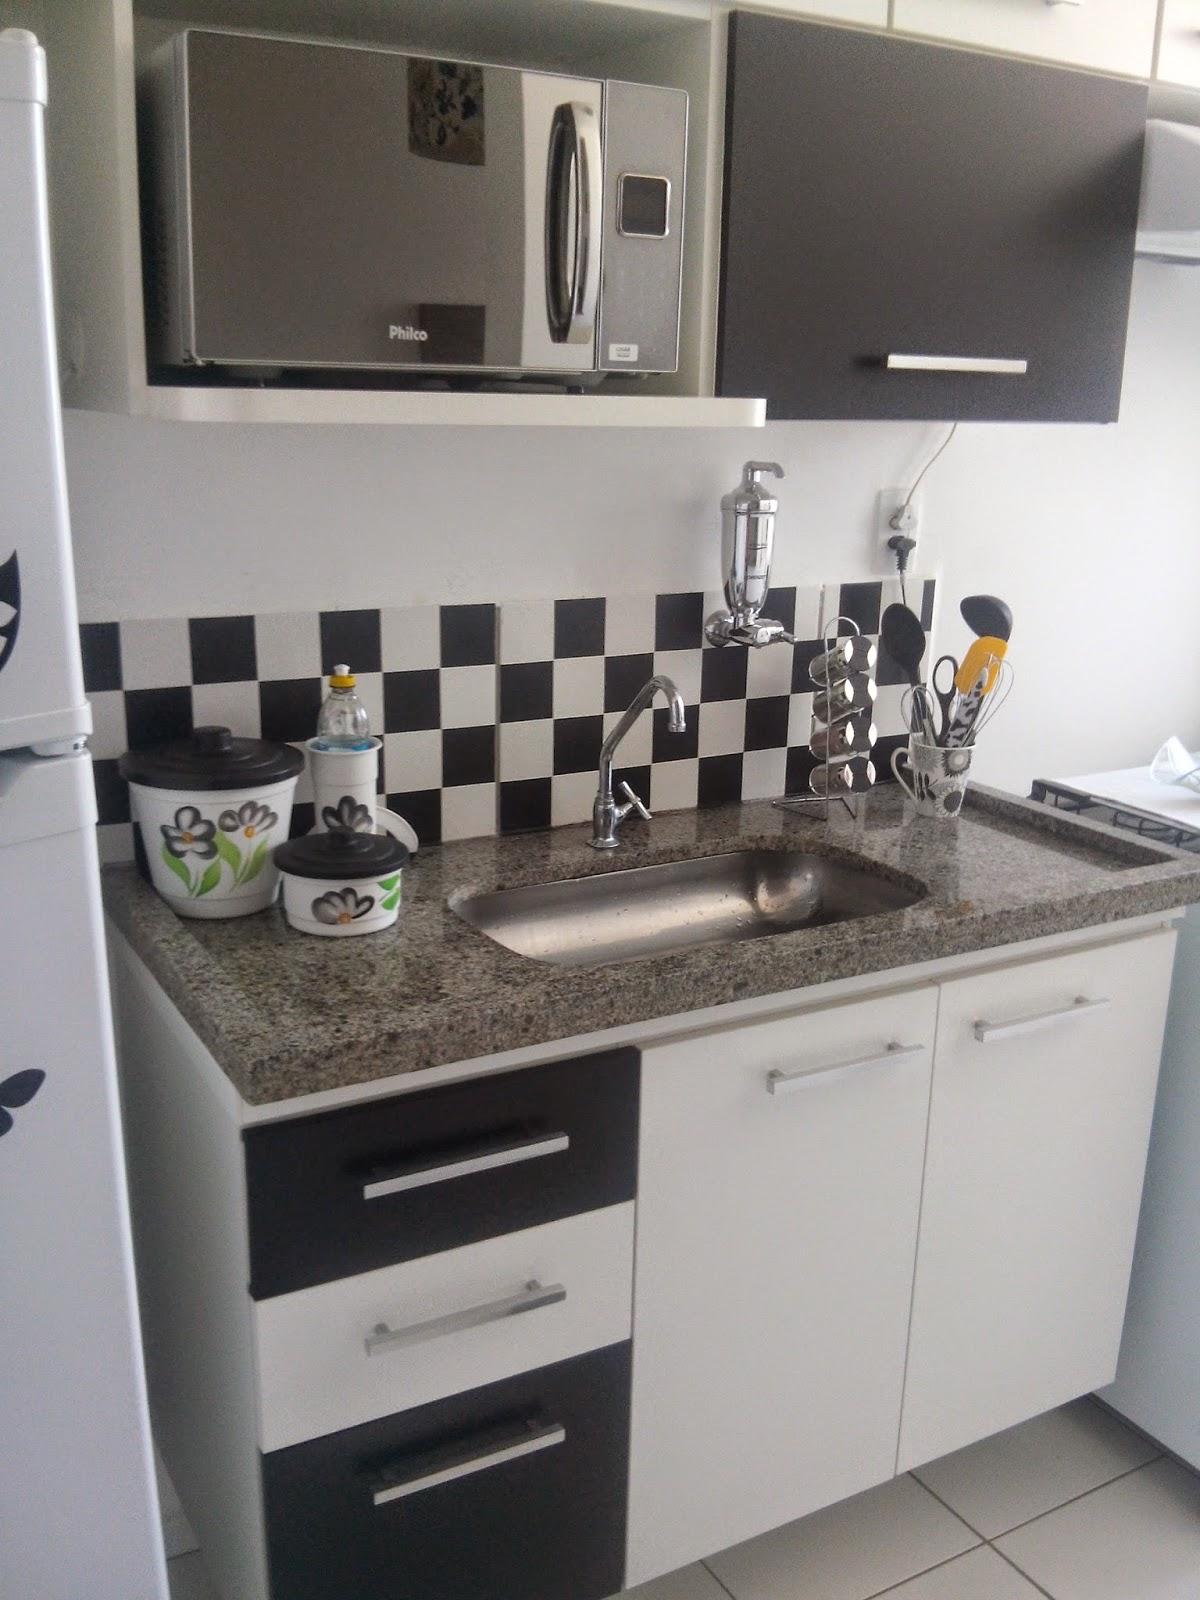 que na minha cozinha só tem azulejo perto da pia e foi nesse azulejo  #605A50 1200x1600 Banheiro Azulejo Metade